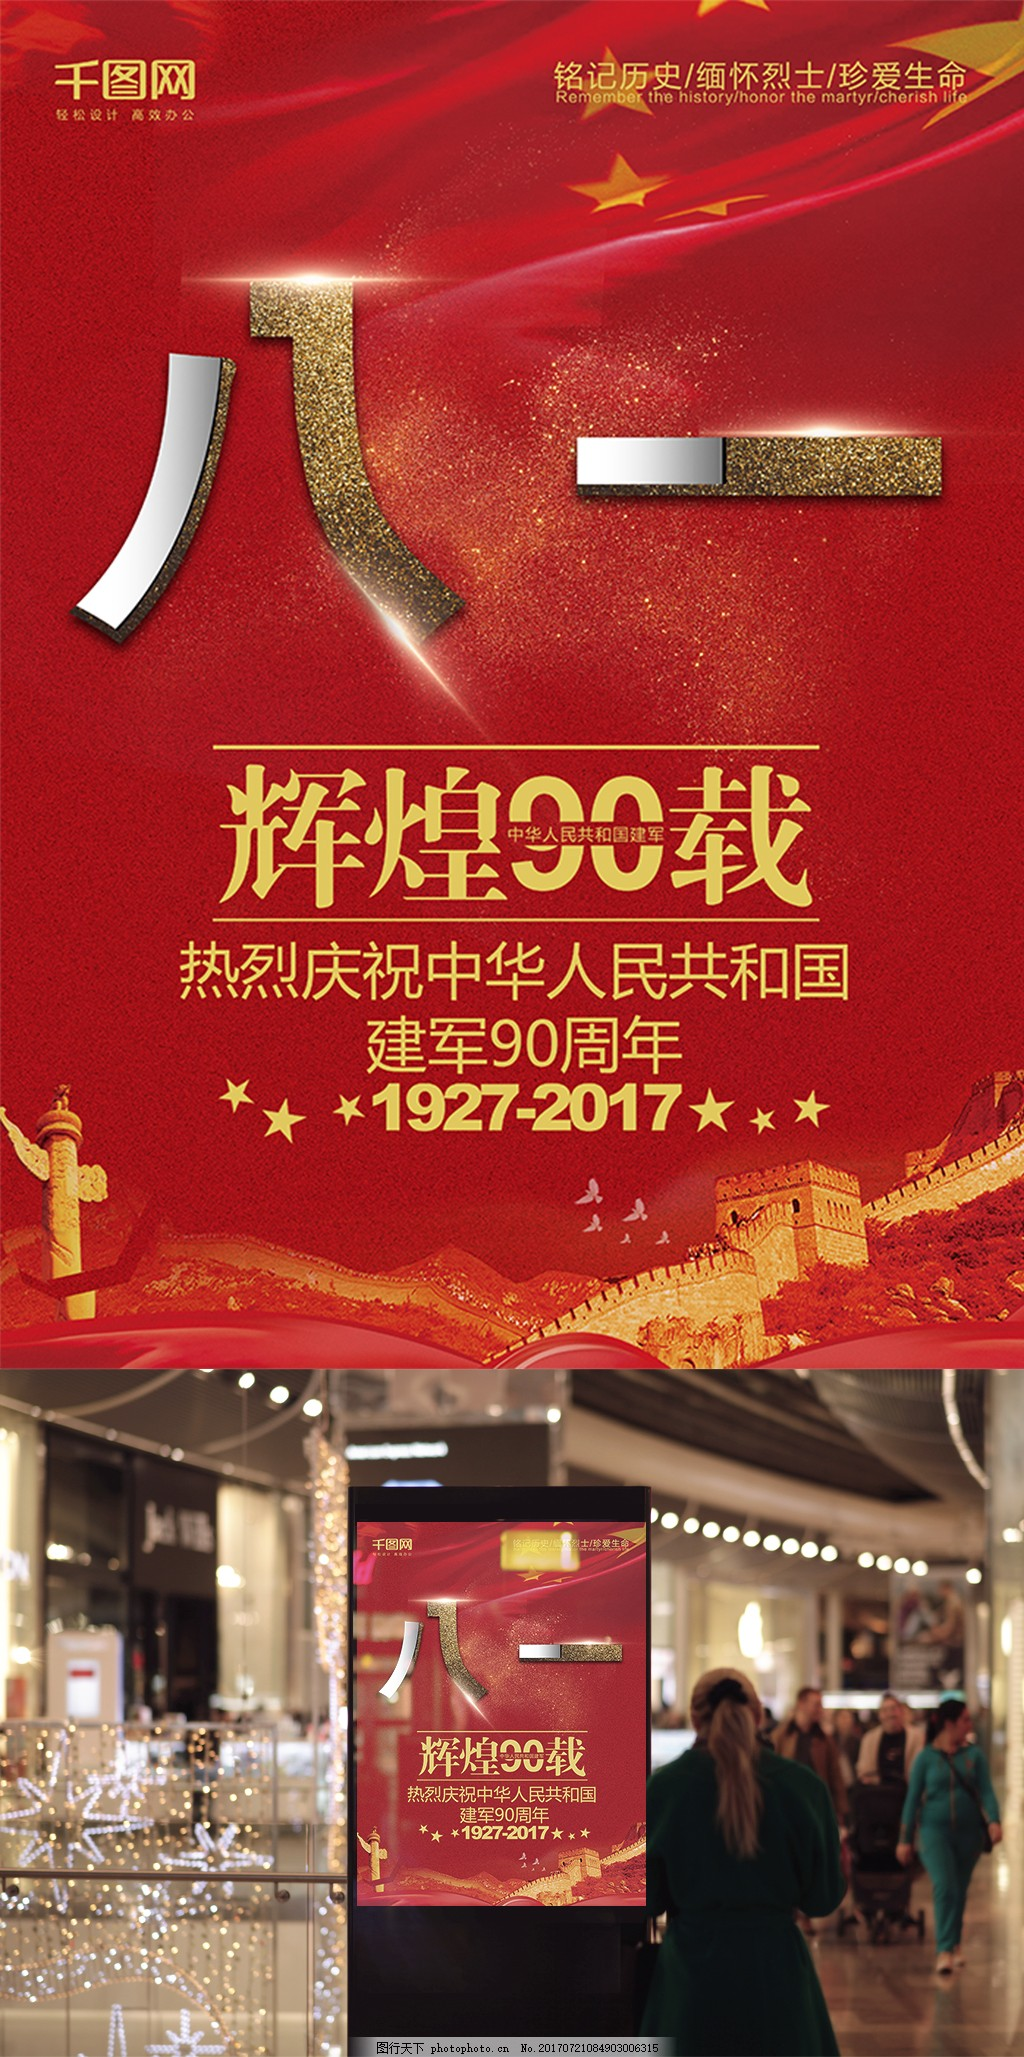 红色金色大气八一建军节宣传海报 国庆节 建党节 建军节海报 建军节背景